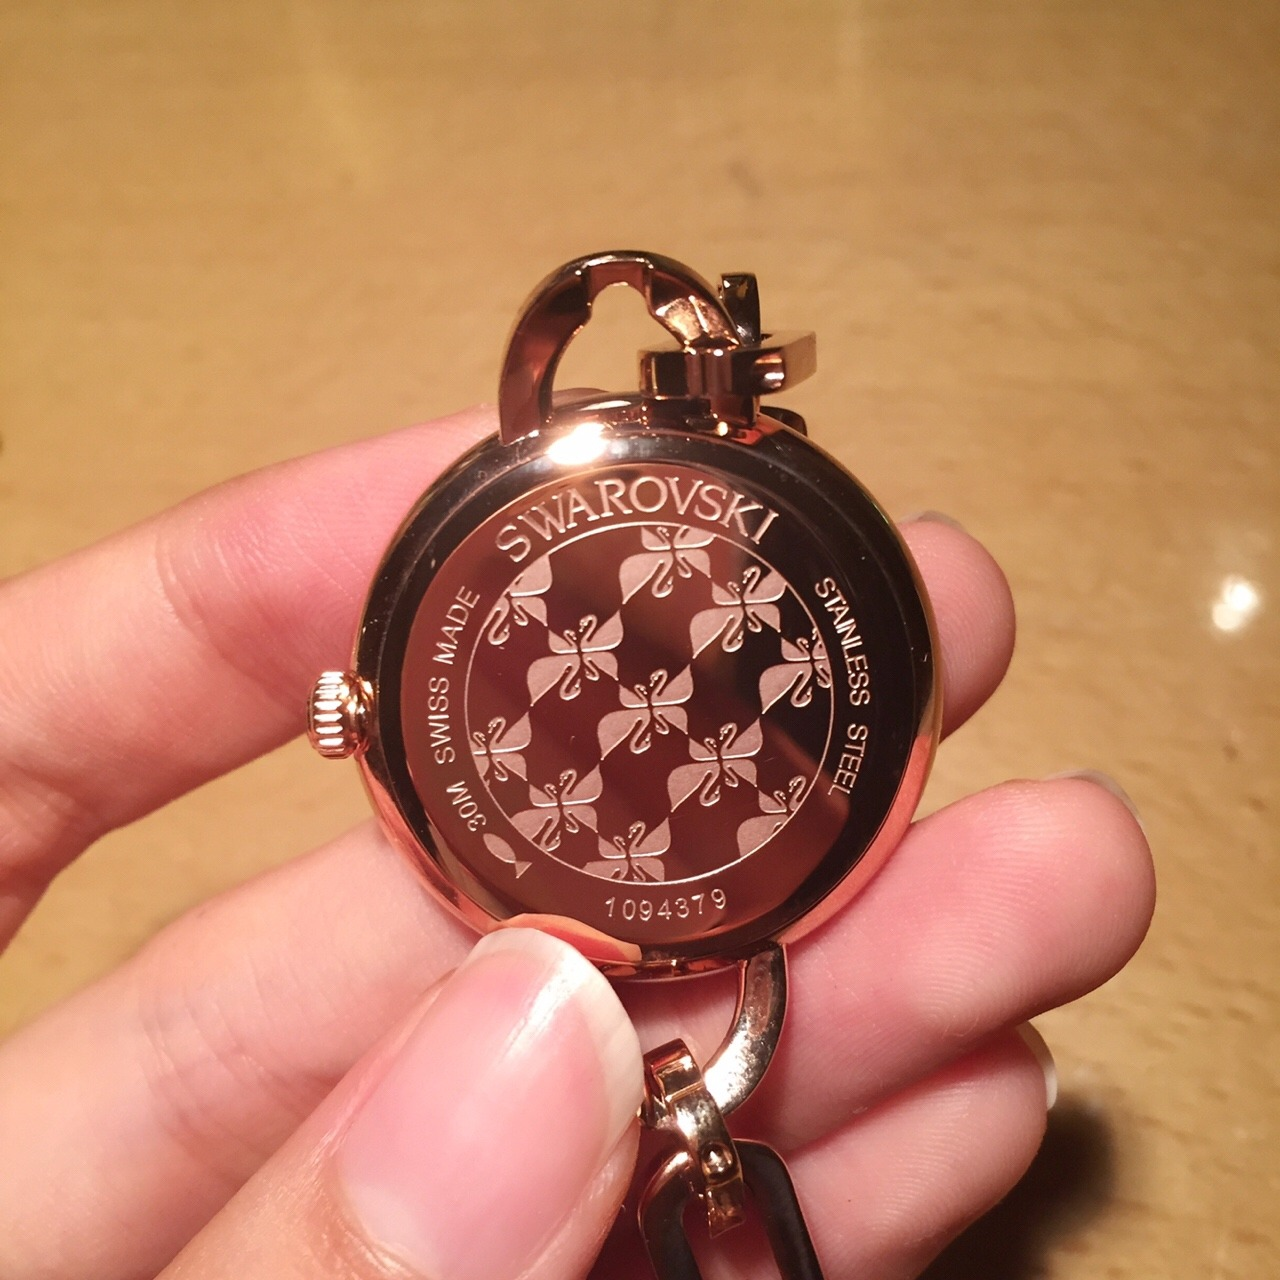 施华洛世奇手表:施华洛世奇手表值得购买吗?